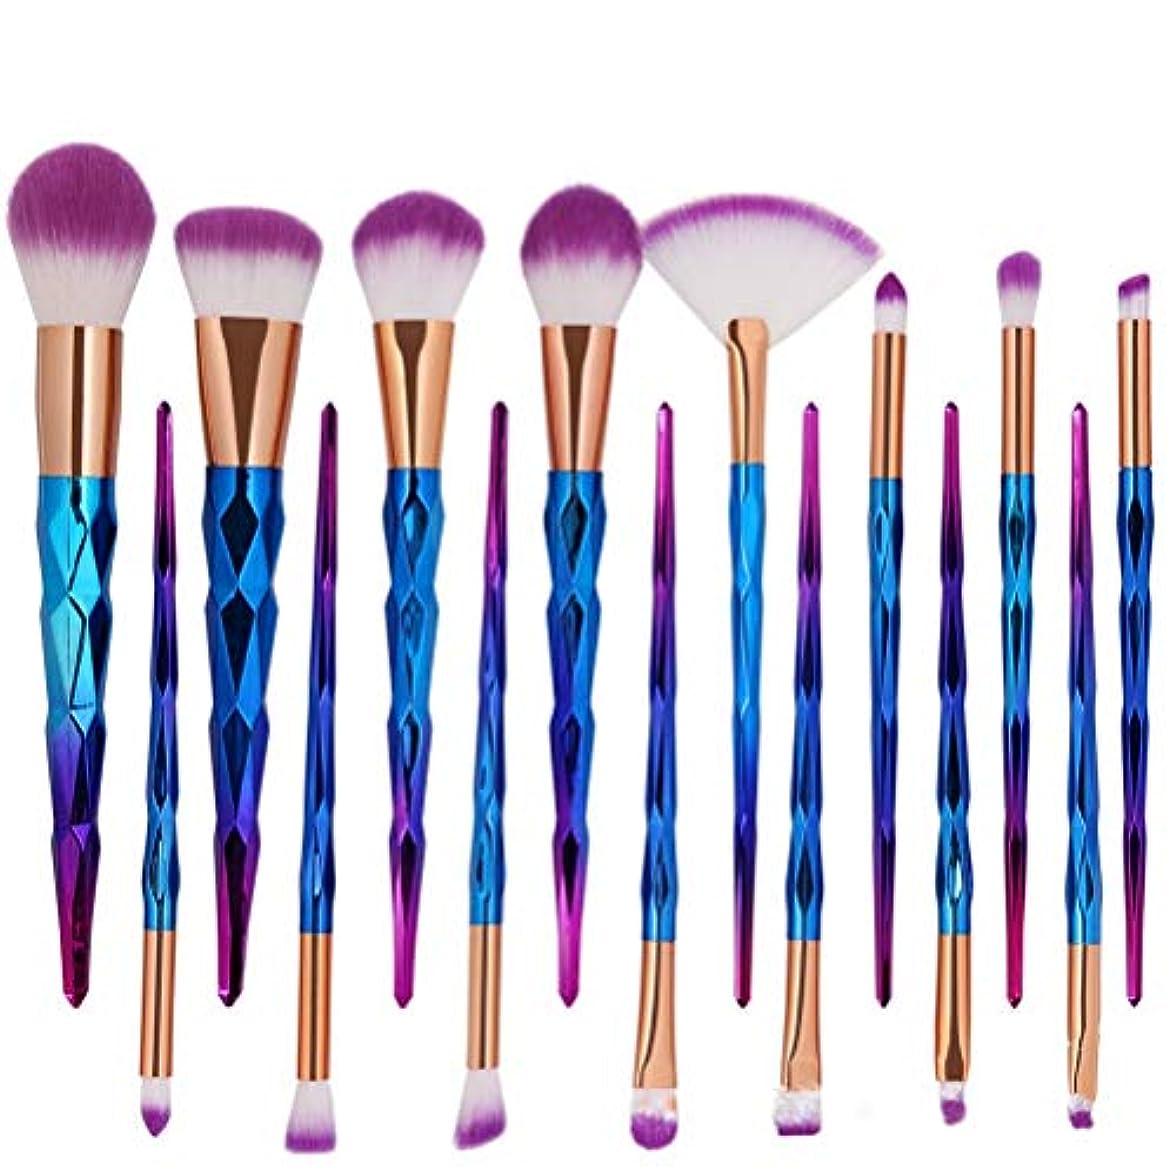 訴える弁護士読書をするLSHJP 化粧ブラシ 15個 不規則な 個性的 柔らか 安心 便利 ファッション 自然 ビューティー 高品質 高品質 (Color : Purple, Size : ワンサイズ)